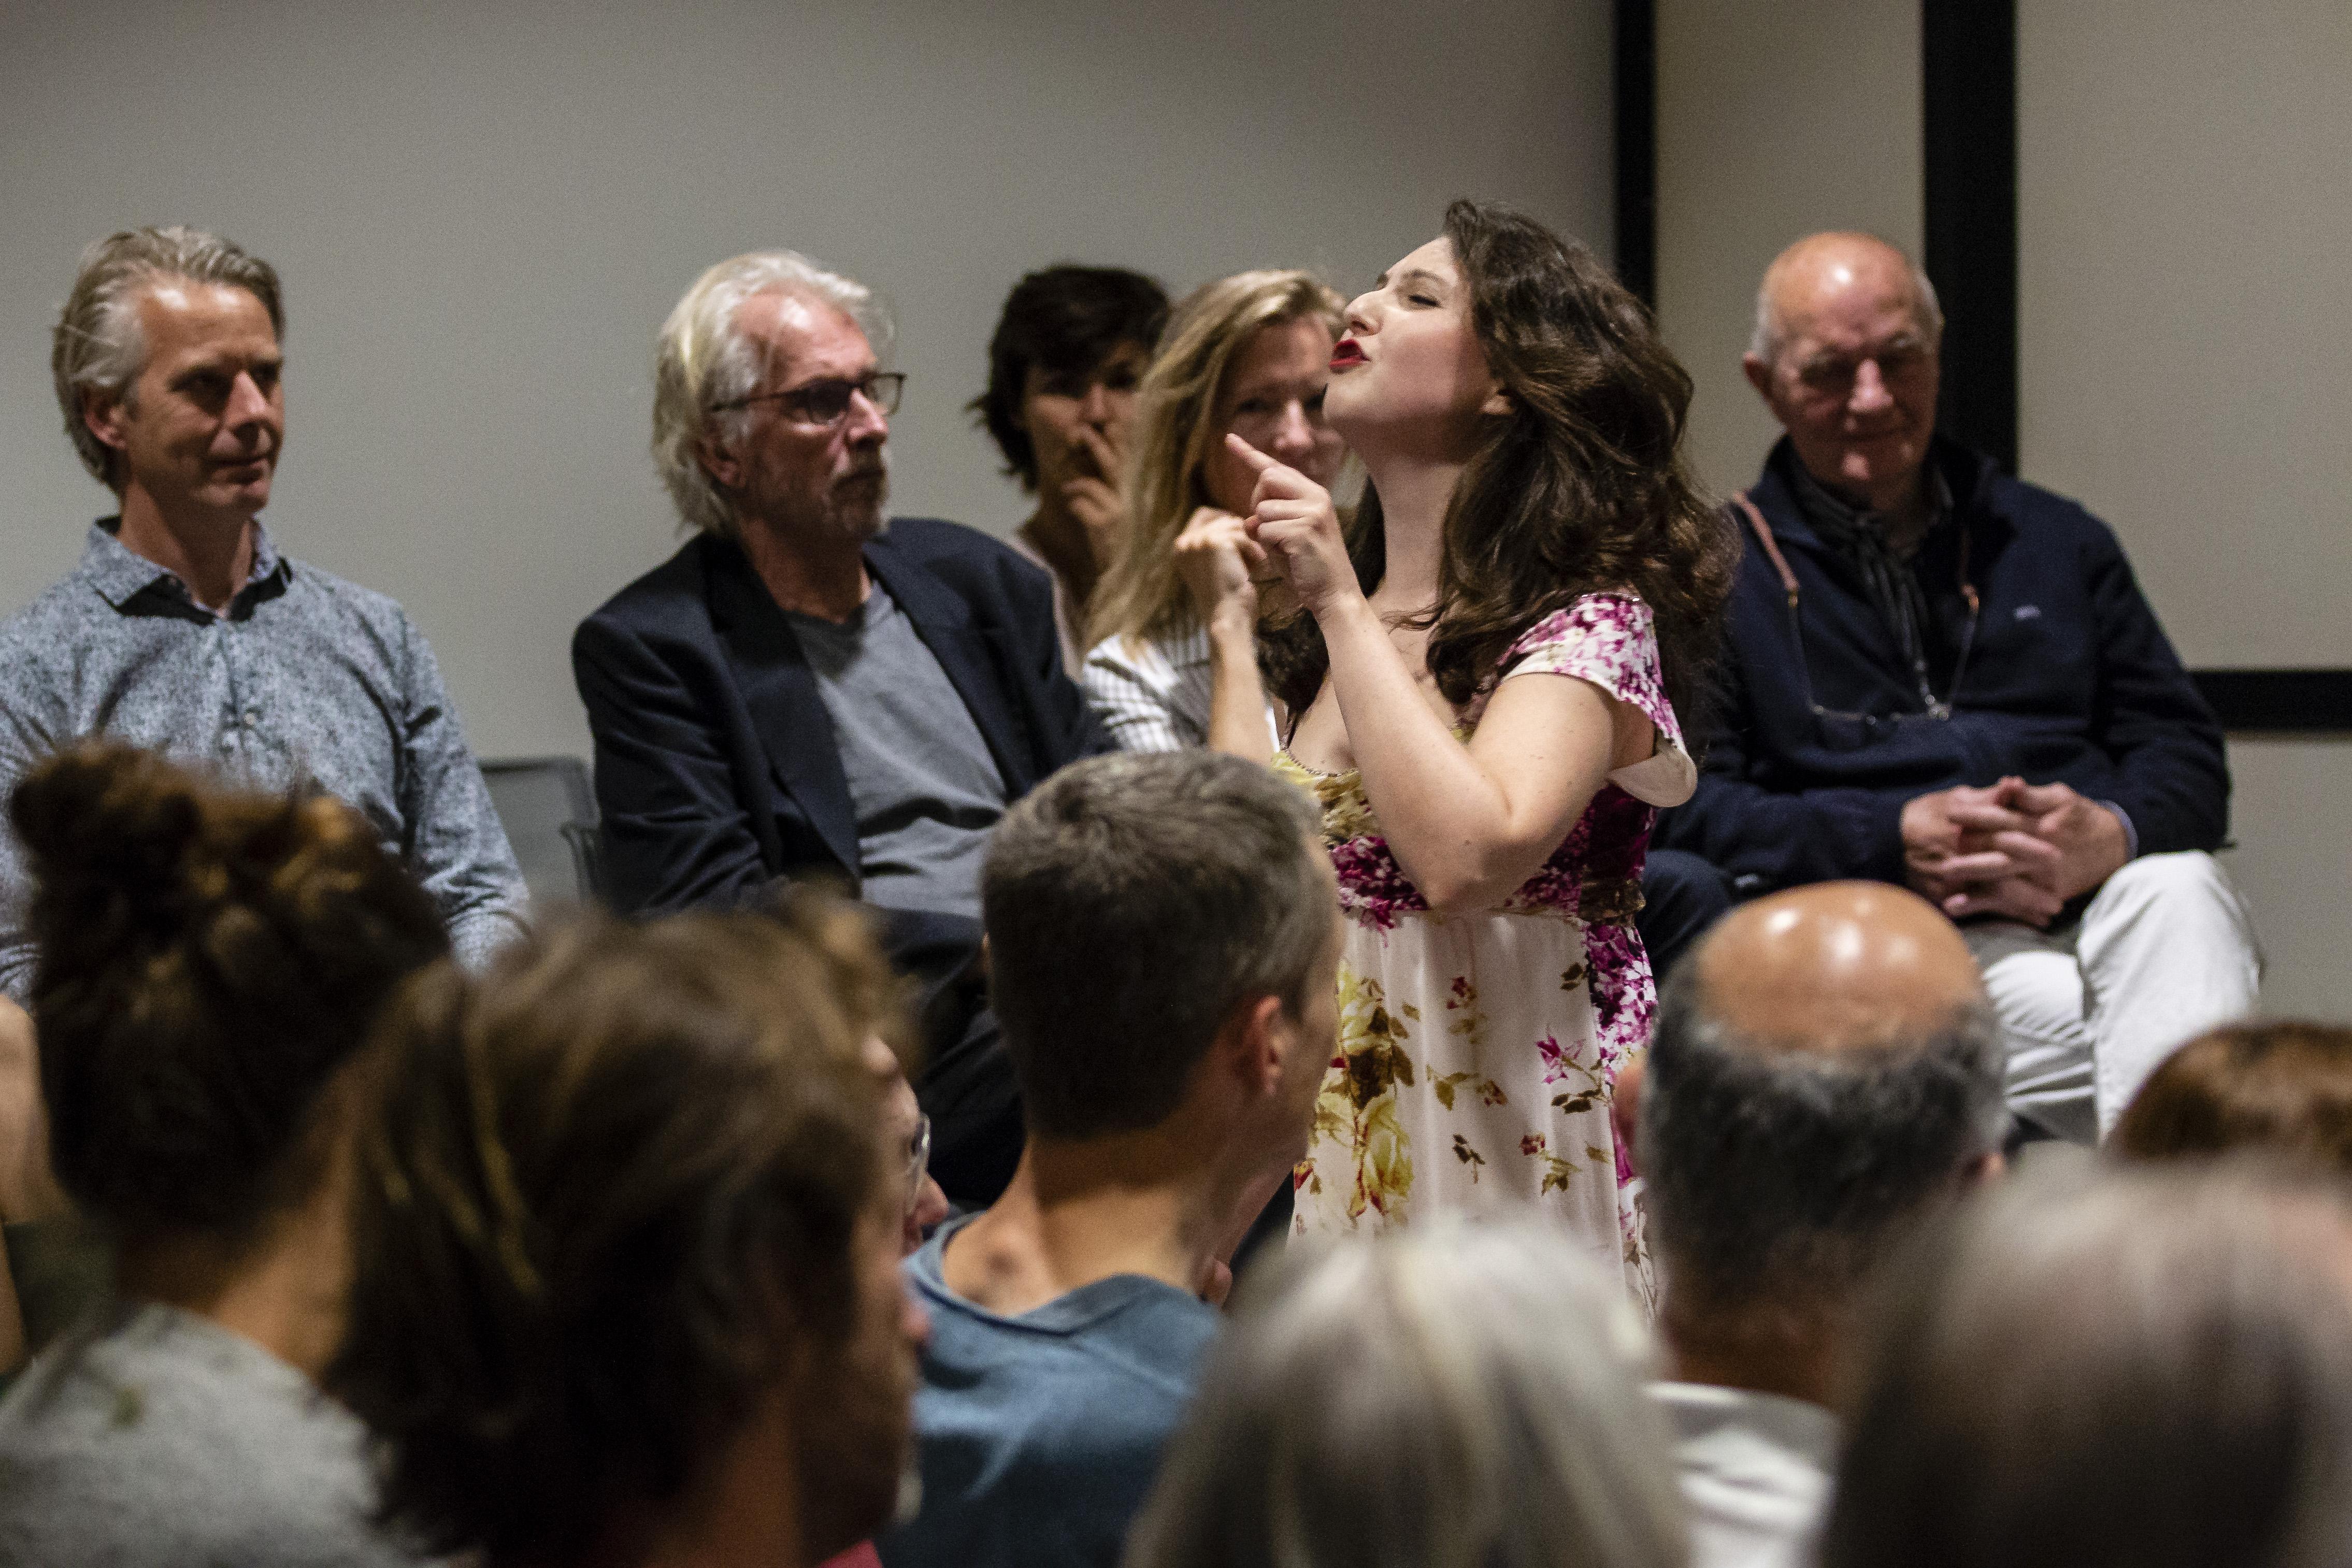 Festival Groeneveld 2018-93 kopie